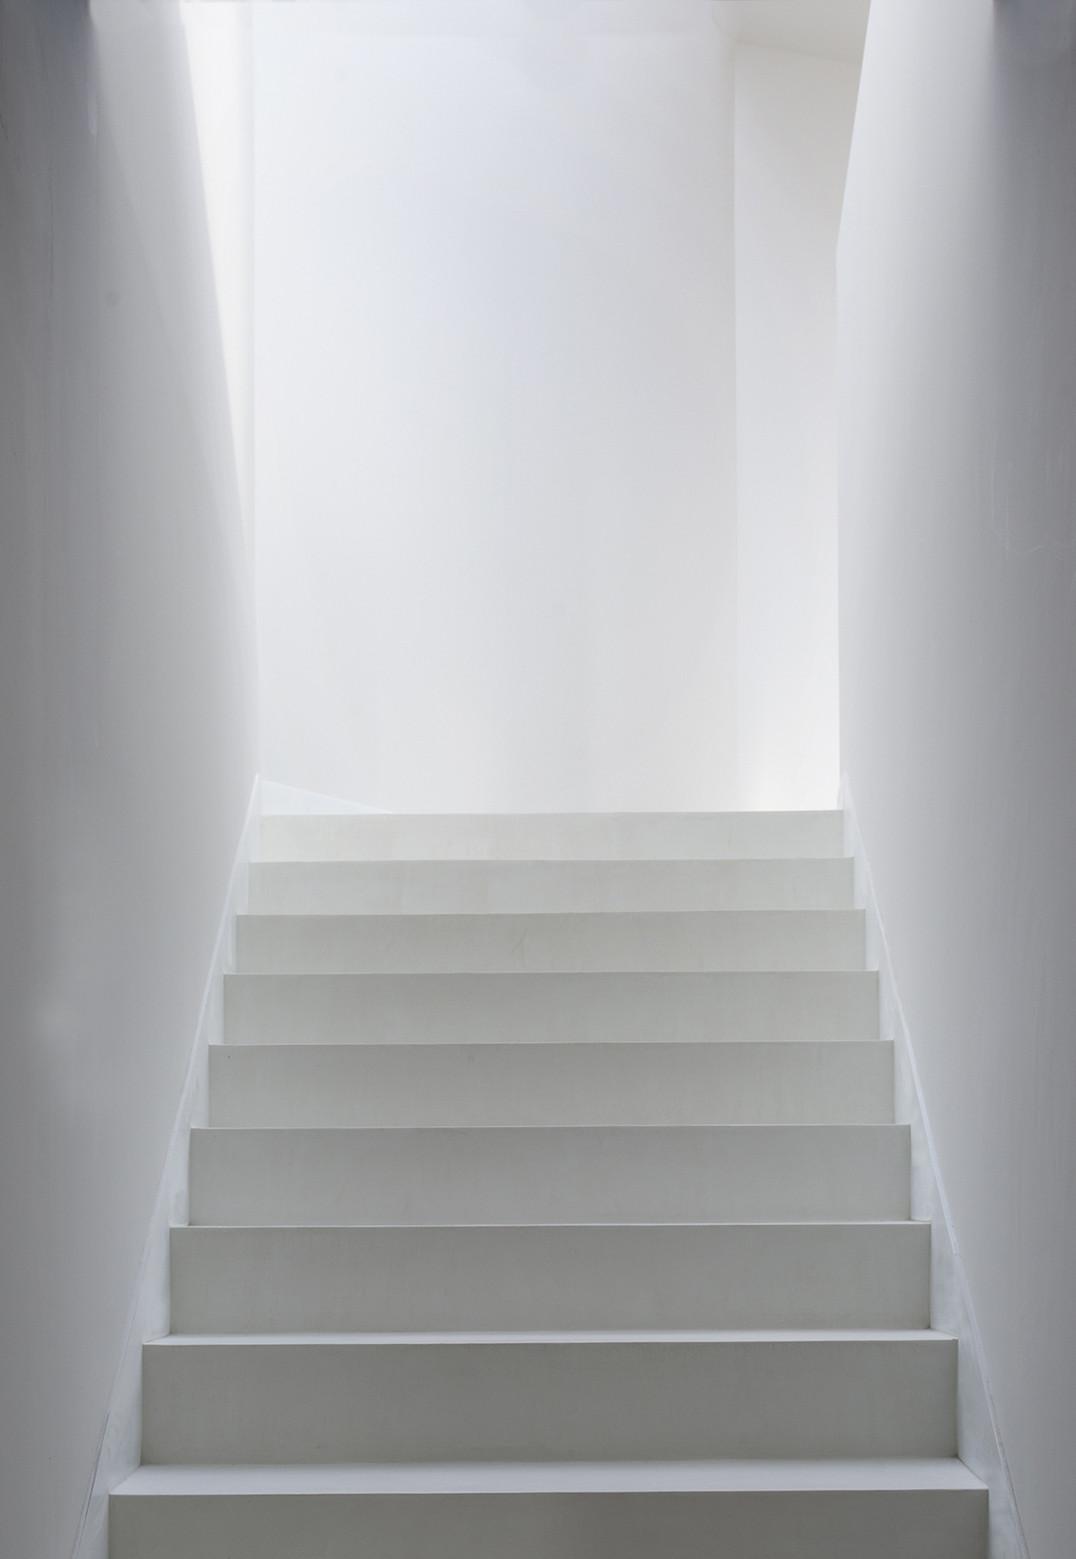 534 - Diseño tentacular y luminoso ambiente minimalista en Castellcir, Barcelona